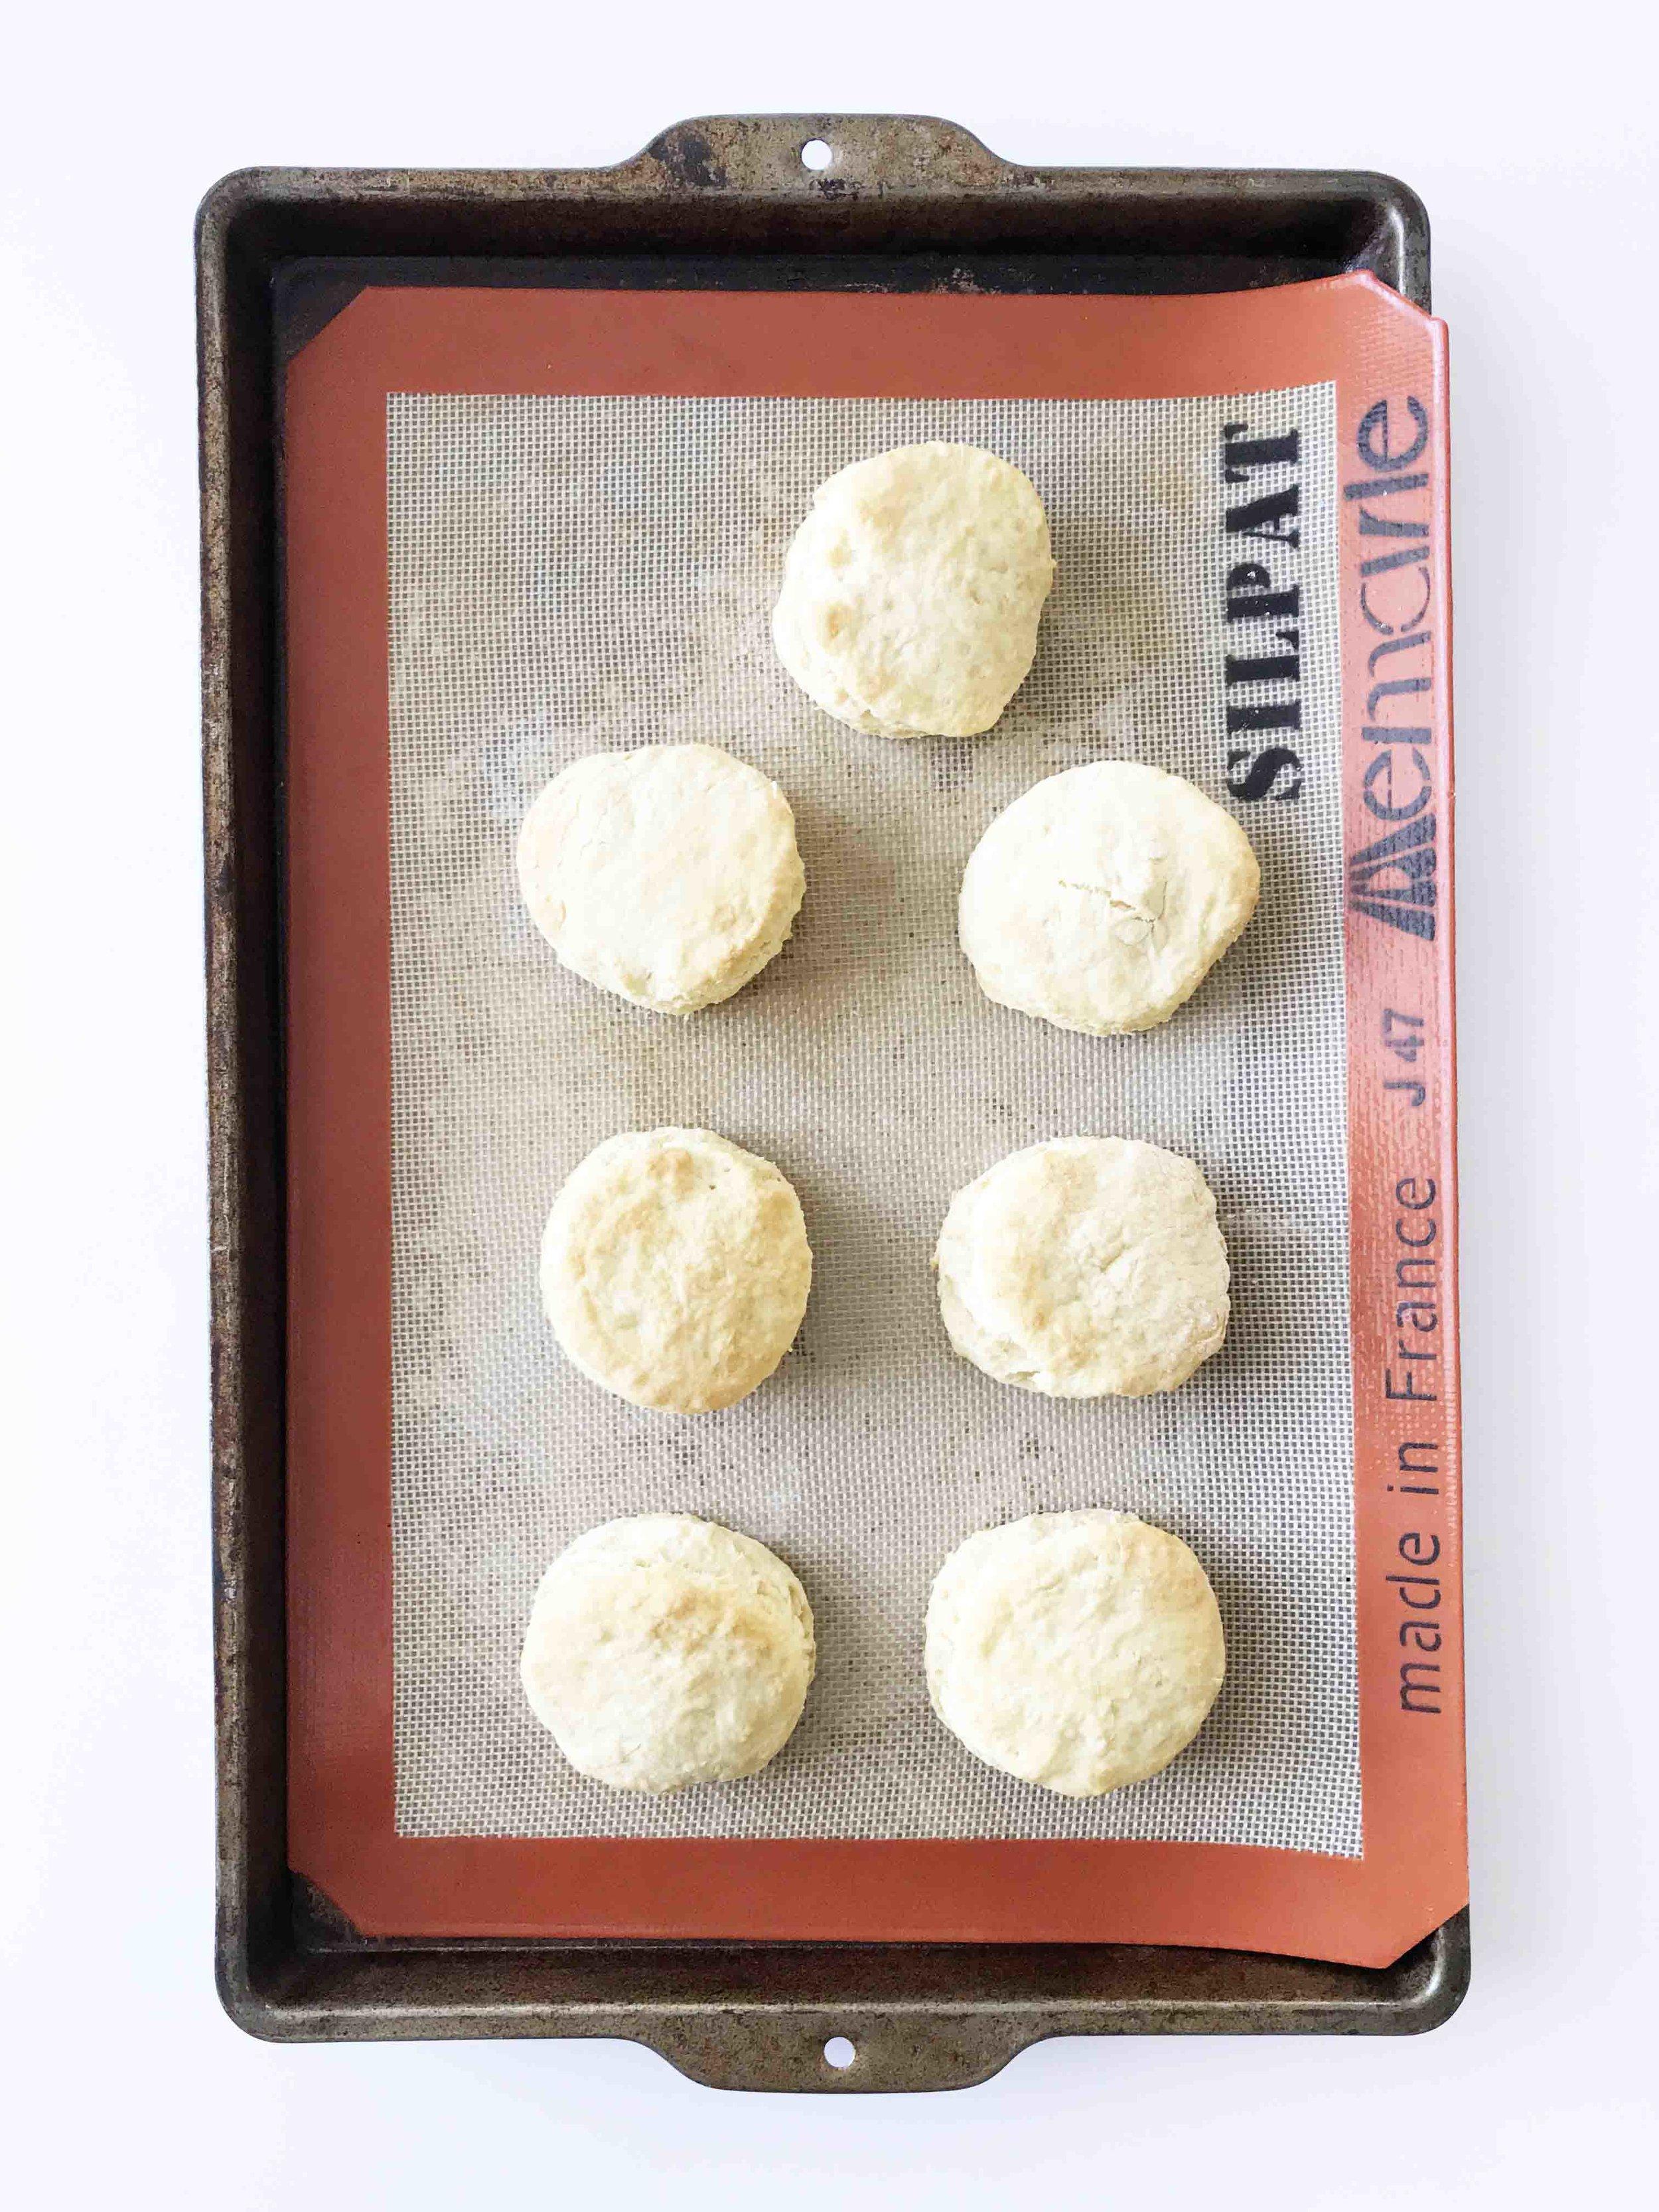 vegan-biscuits-gravy10.jpg